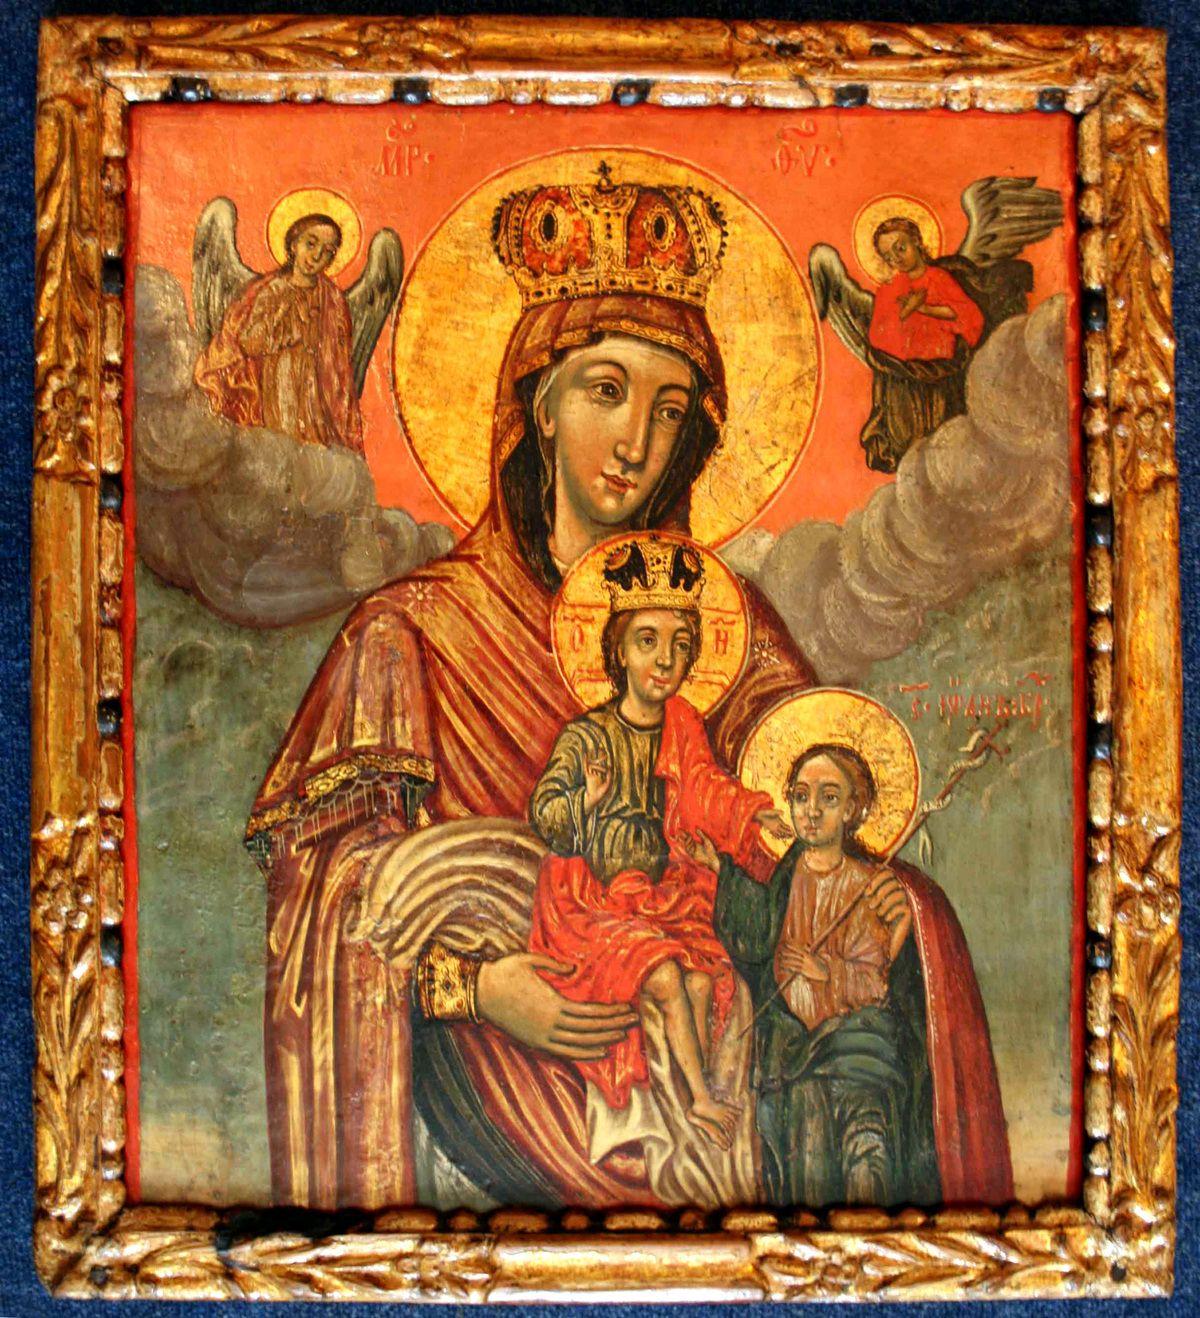 Икона  -  Богородица са Христом и Св. Јованом Алексија Лазовића